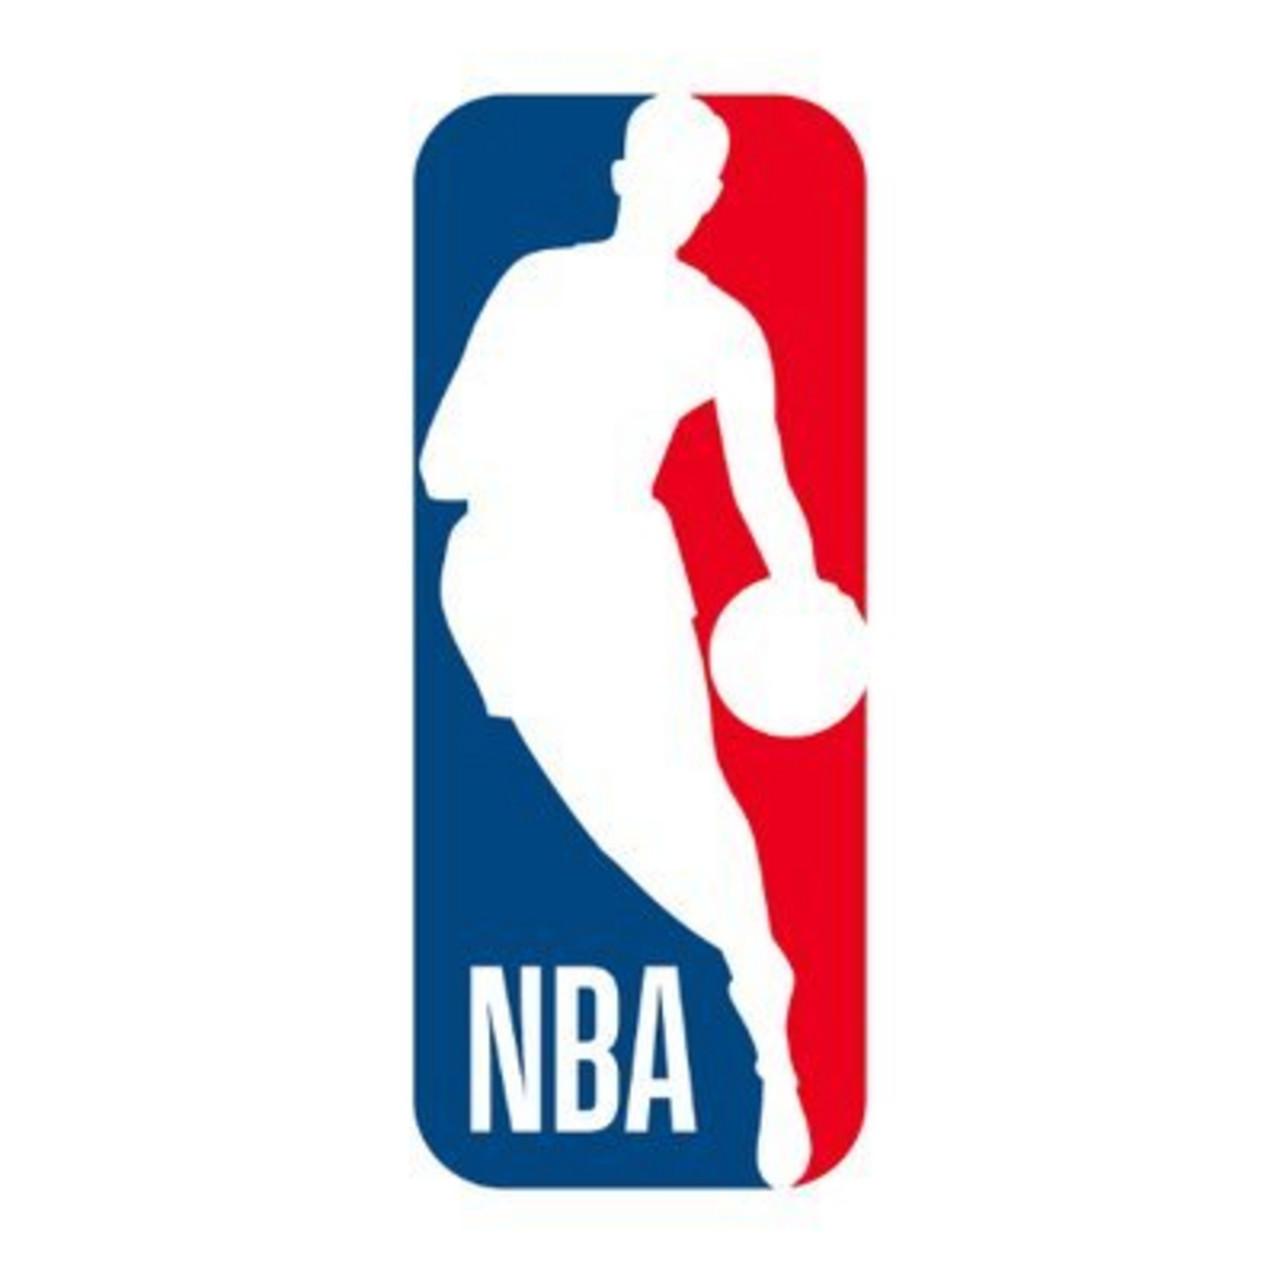 NBA- Lettera che racconta una storia